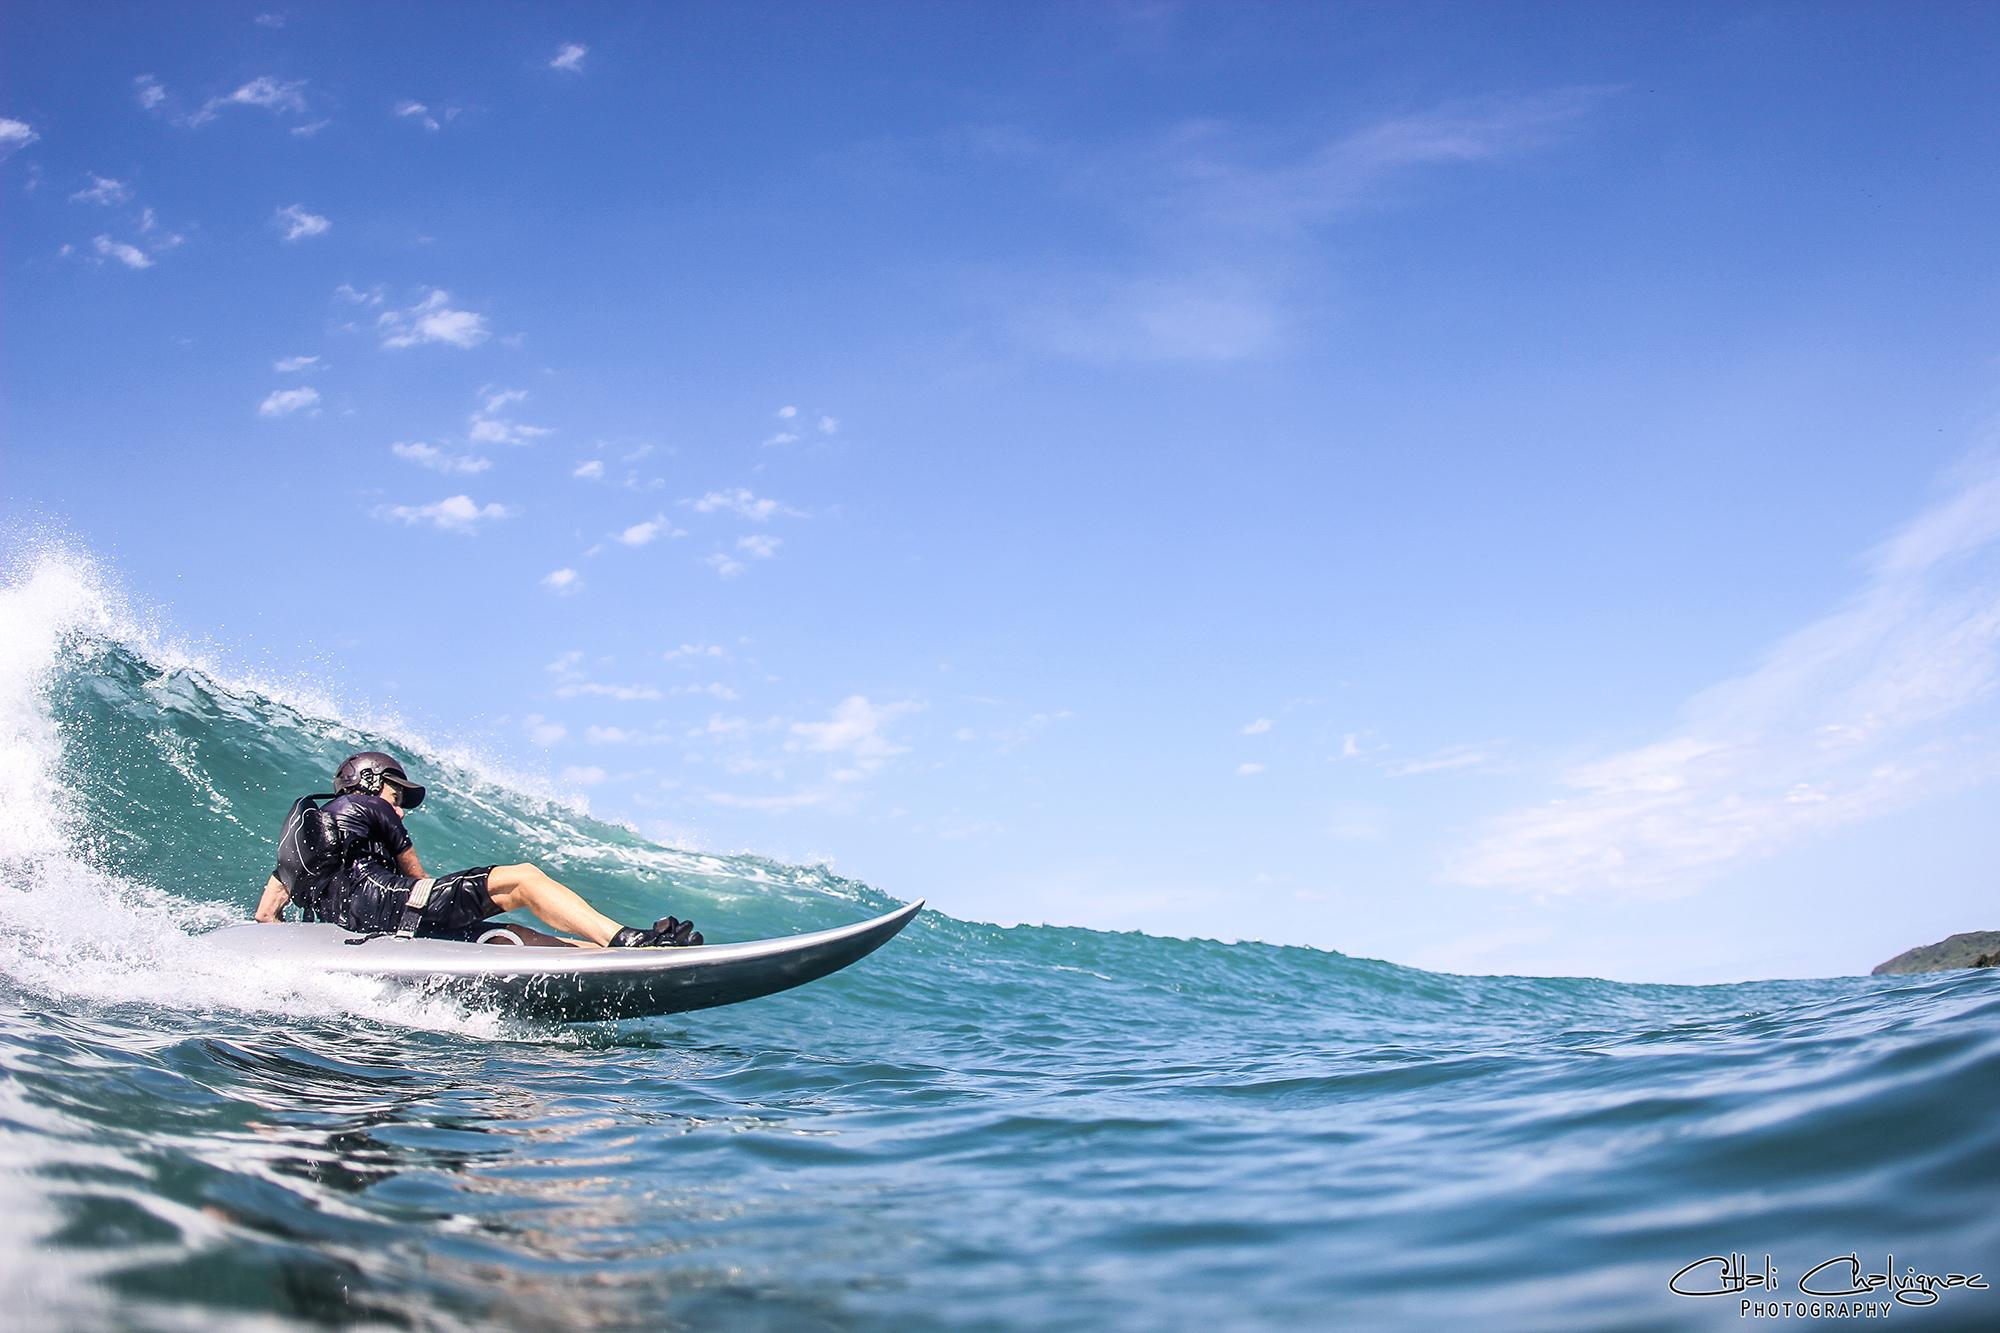 Galeria Surf imagen 14 Citlali Chalvignac